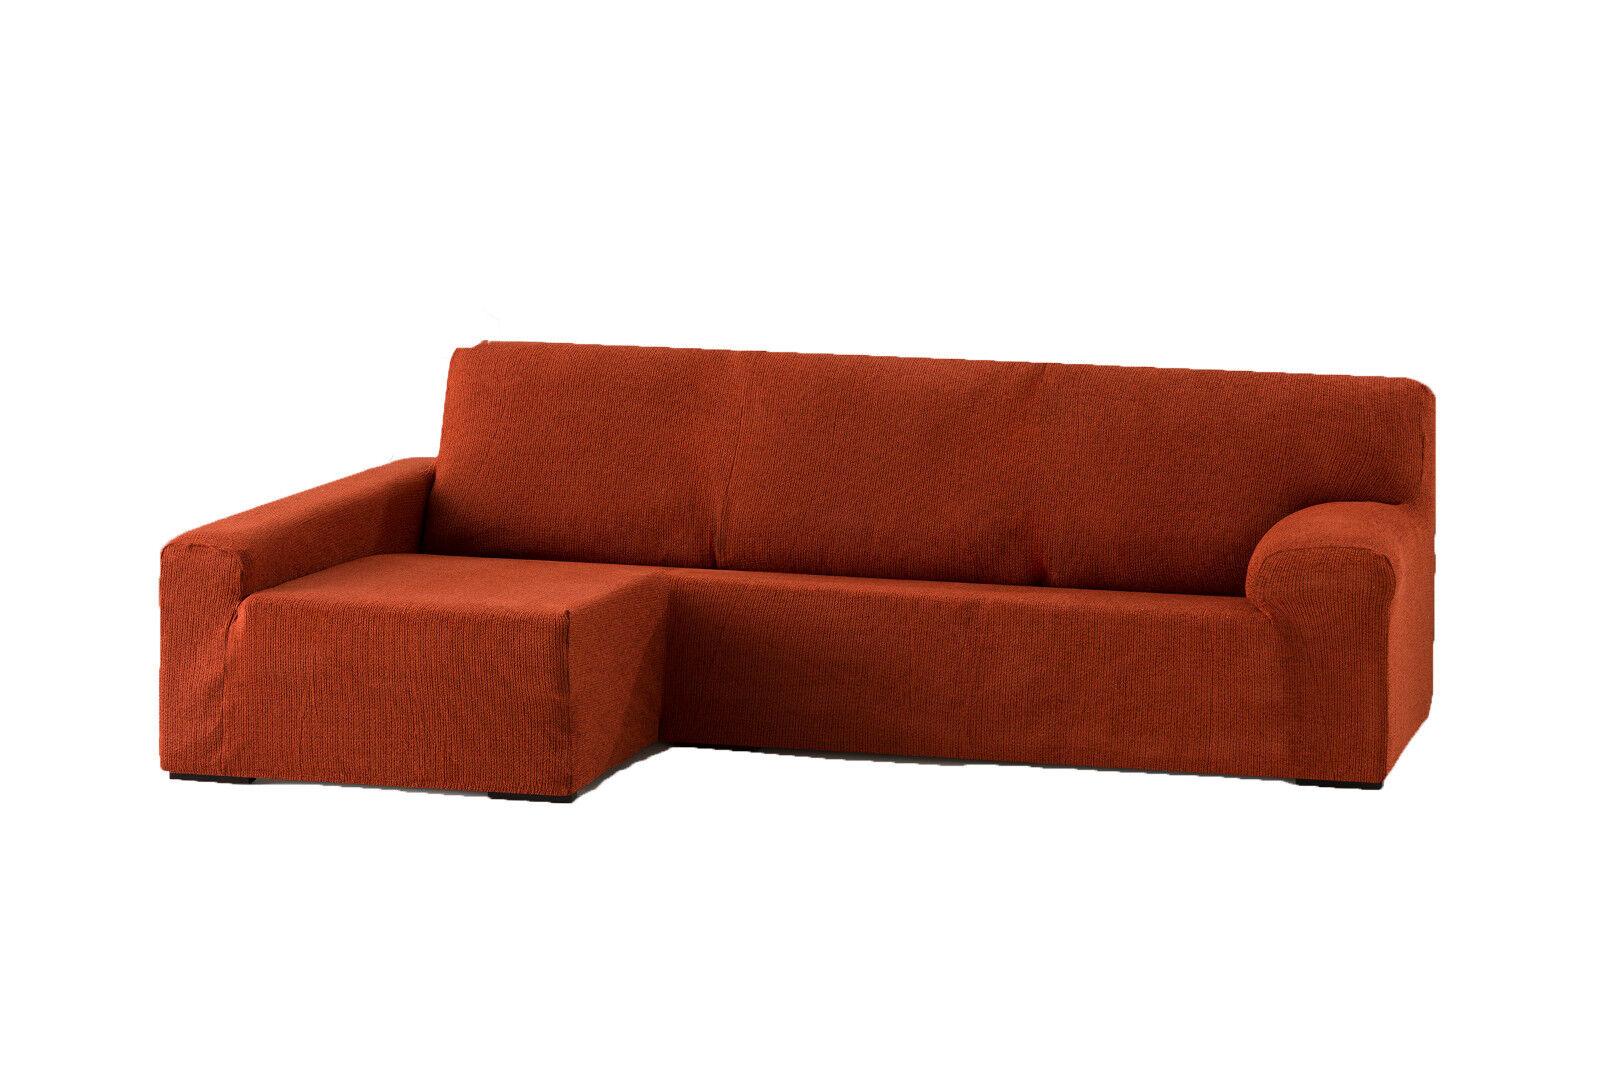 Funda de sofas chaise longue bielástica Dorian  Eysa derecha o izquierda calidad